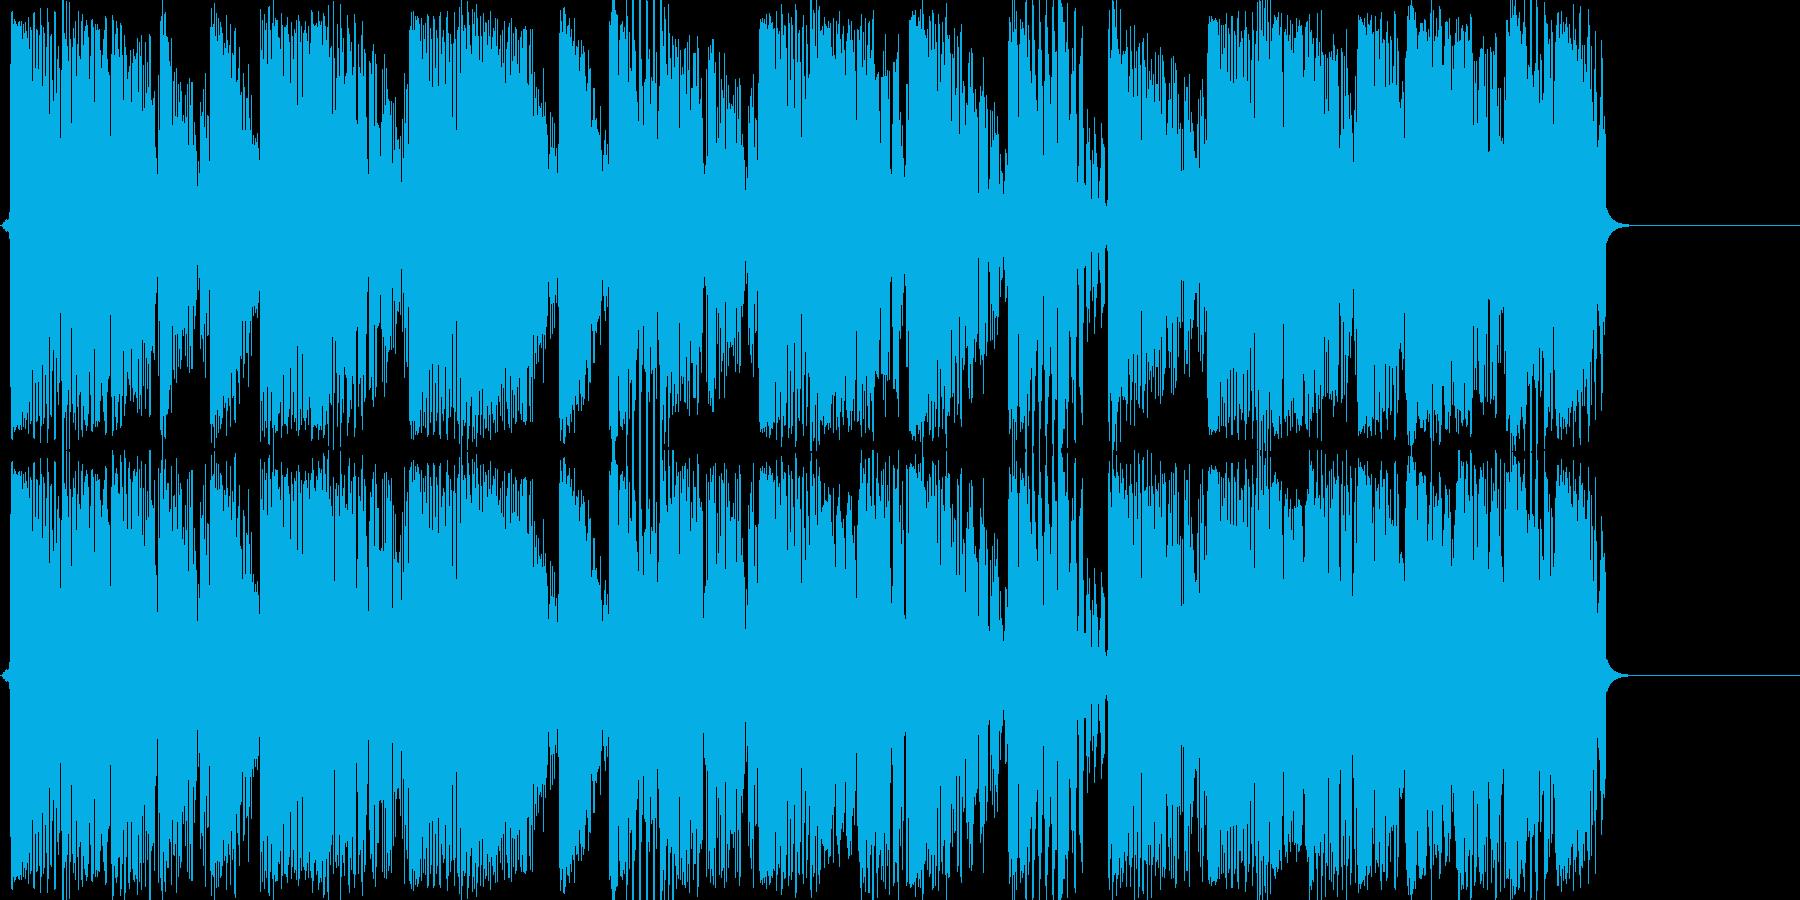 音源作成用のクラブ系ループ音源の再生済みの波形